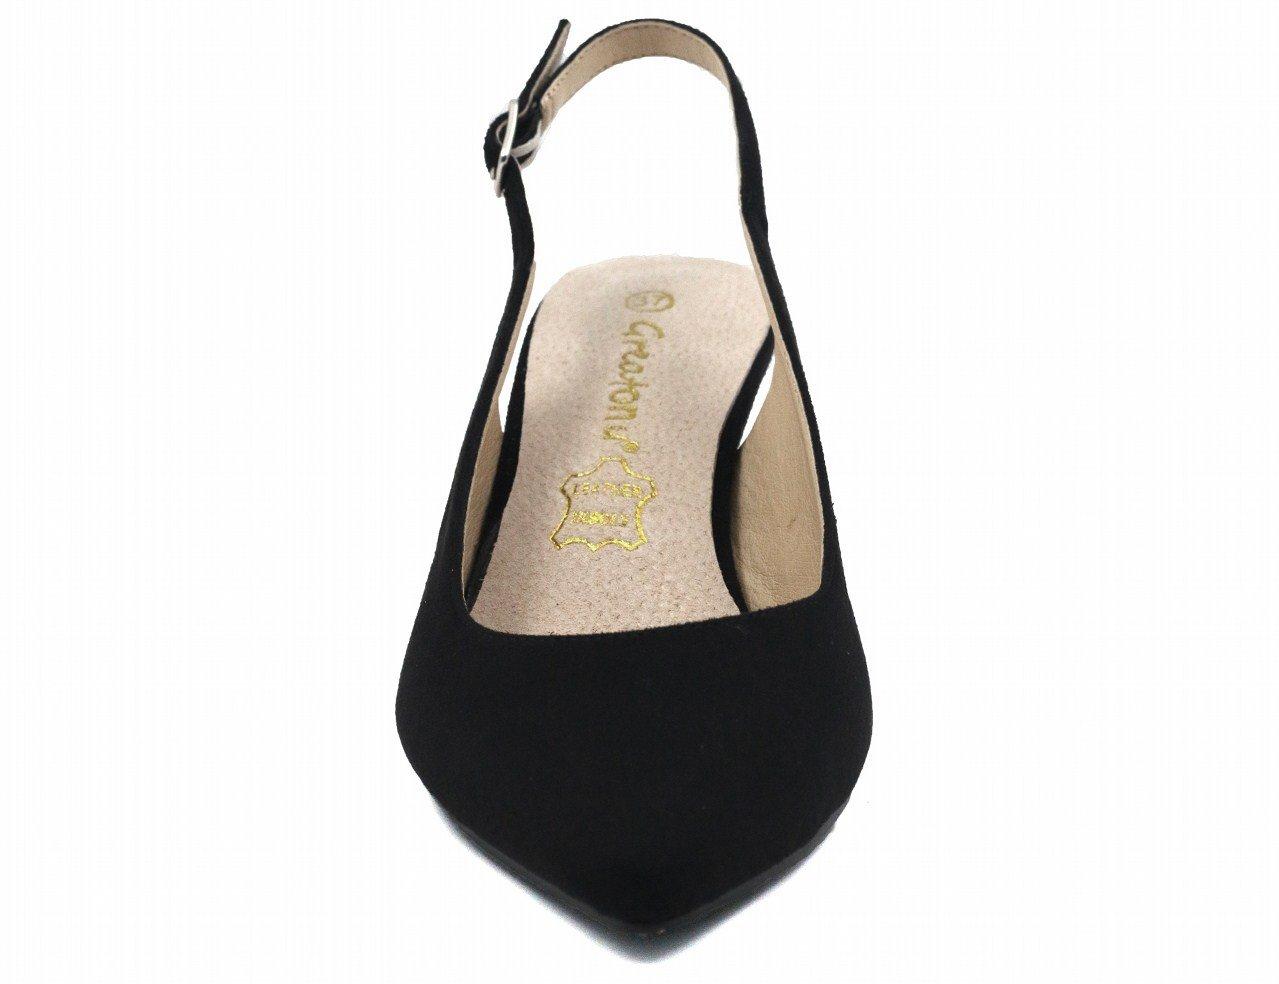 500fe0d08f2e6f Greatonu Womens Pointed Toe Slingback Dress Court Shoes